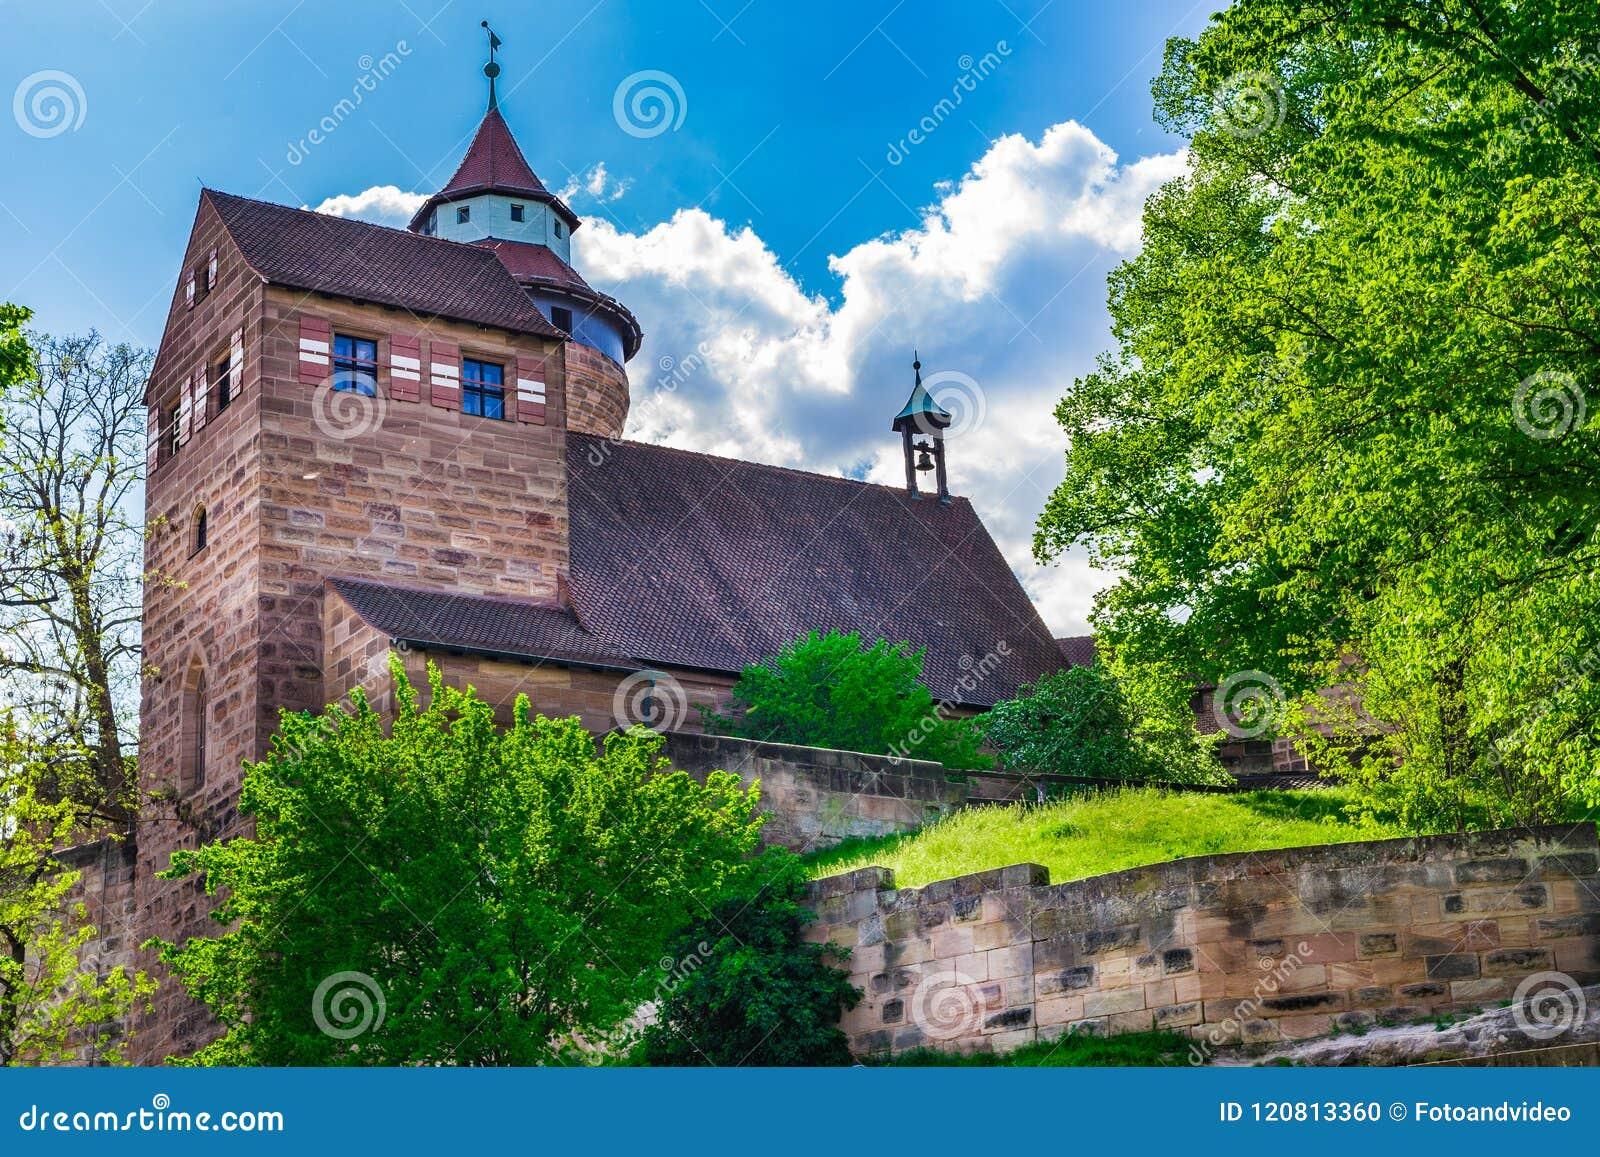 Historisches Schloss Kaiserburg von Nürnberg, Deutschland